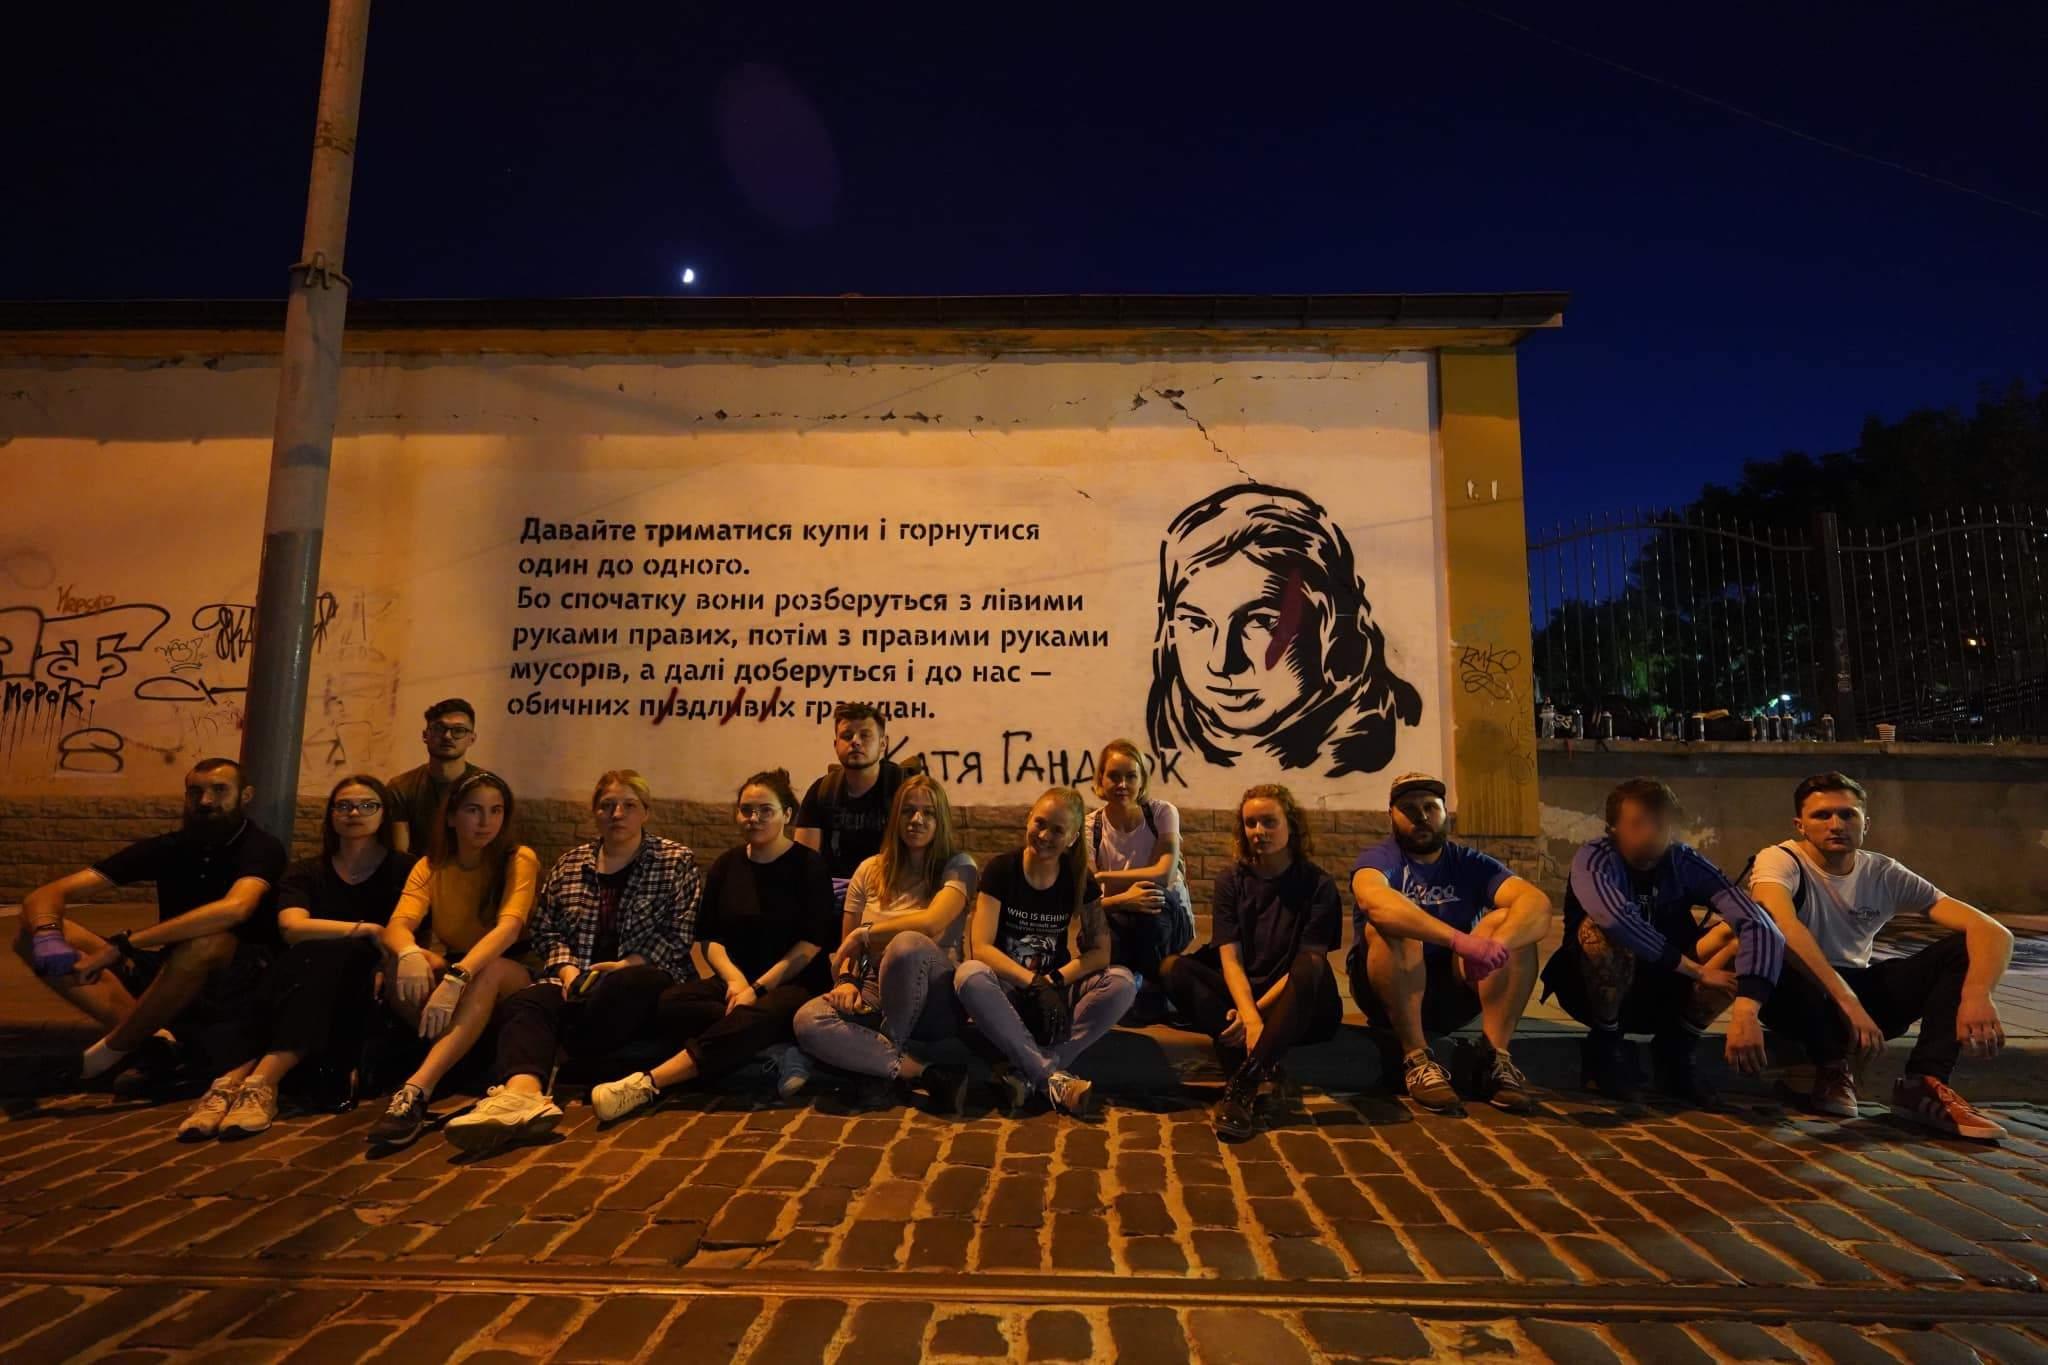 У Львові знову з'явився мурал, присвячений Каті Гандзюк: фото